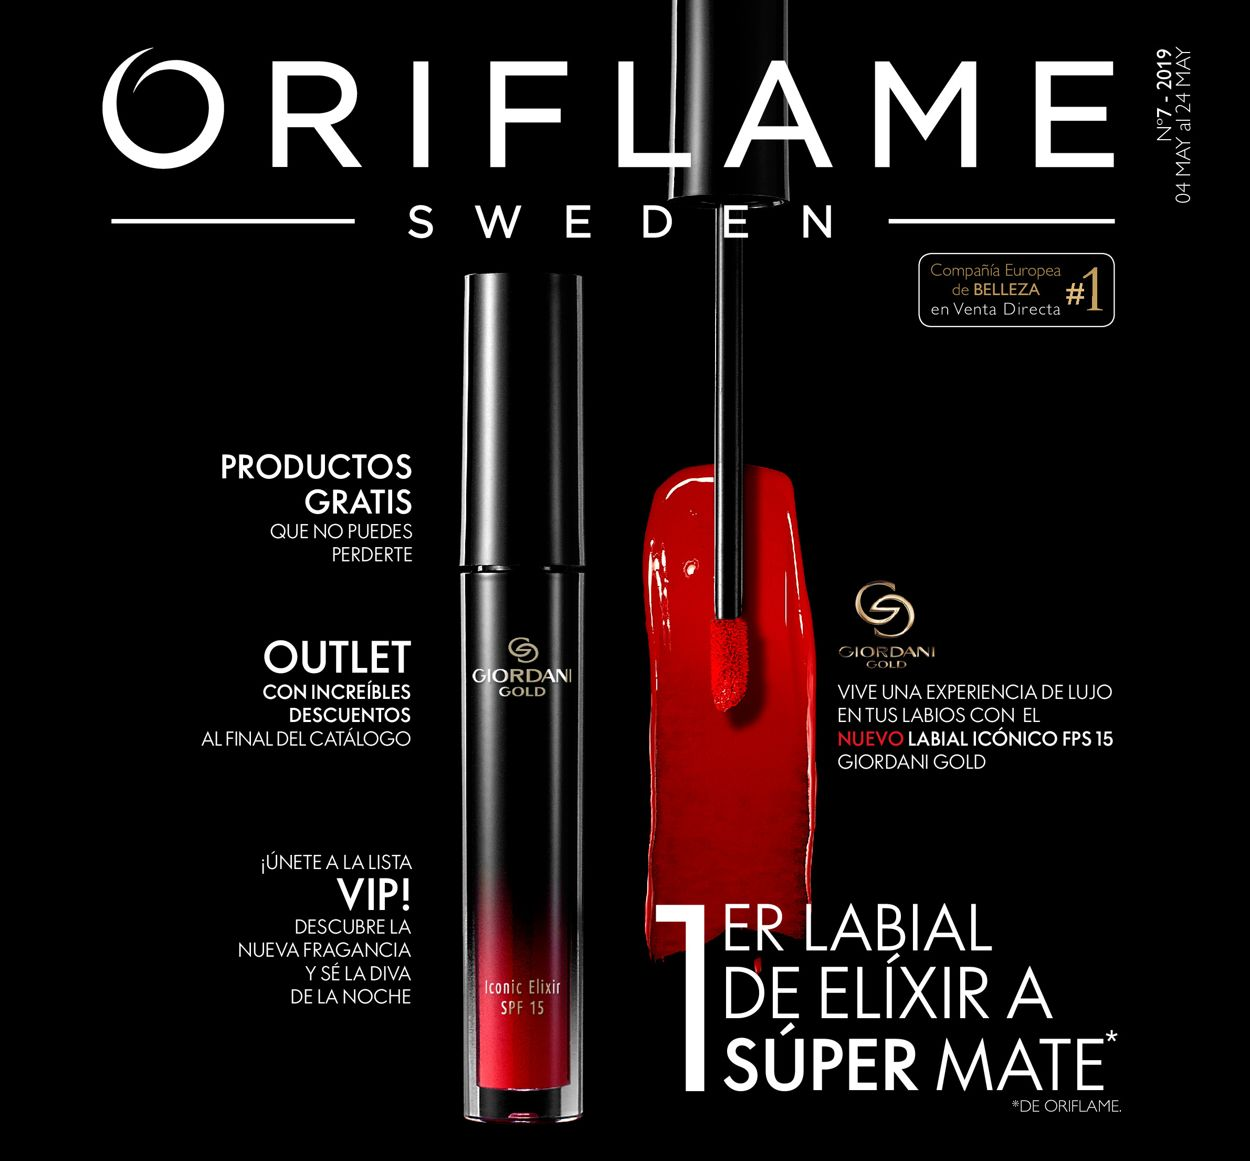 Oriflame Folleto - 04.05-24.05.2019